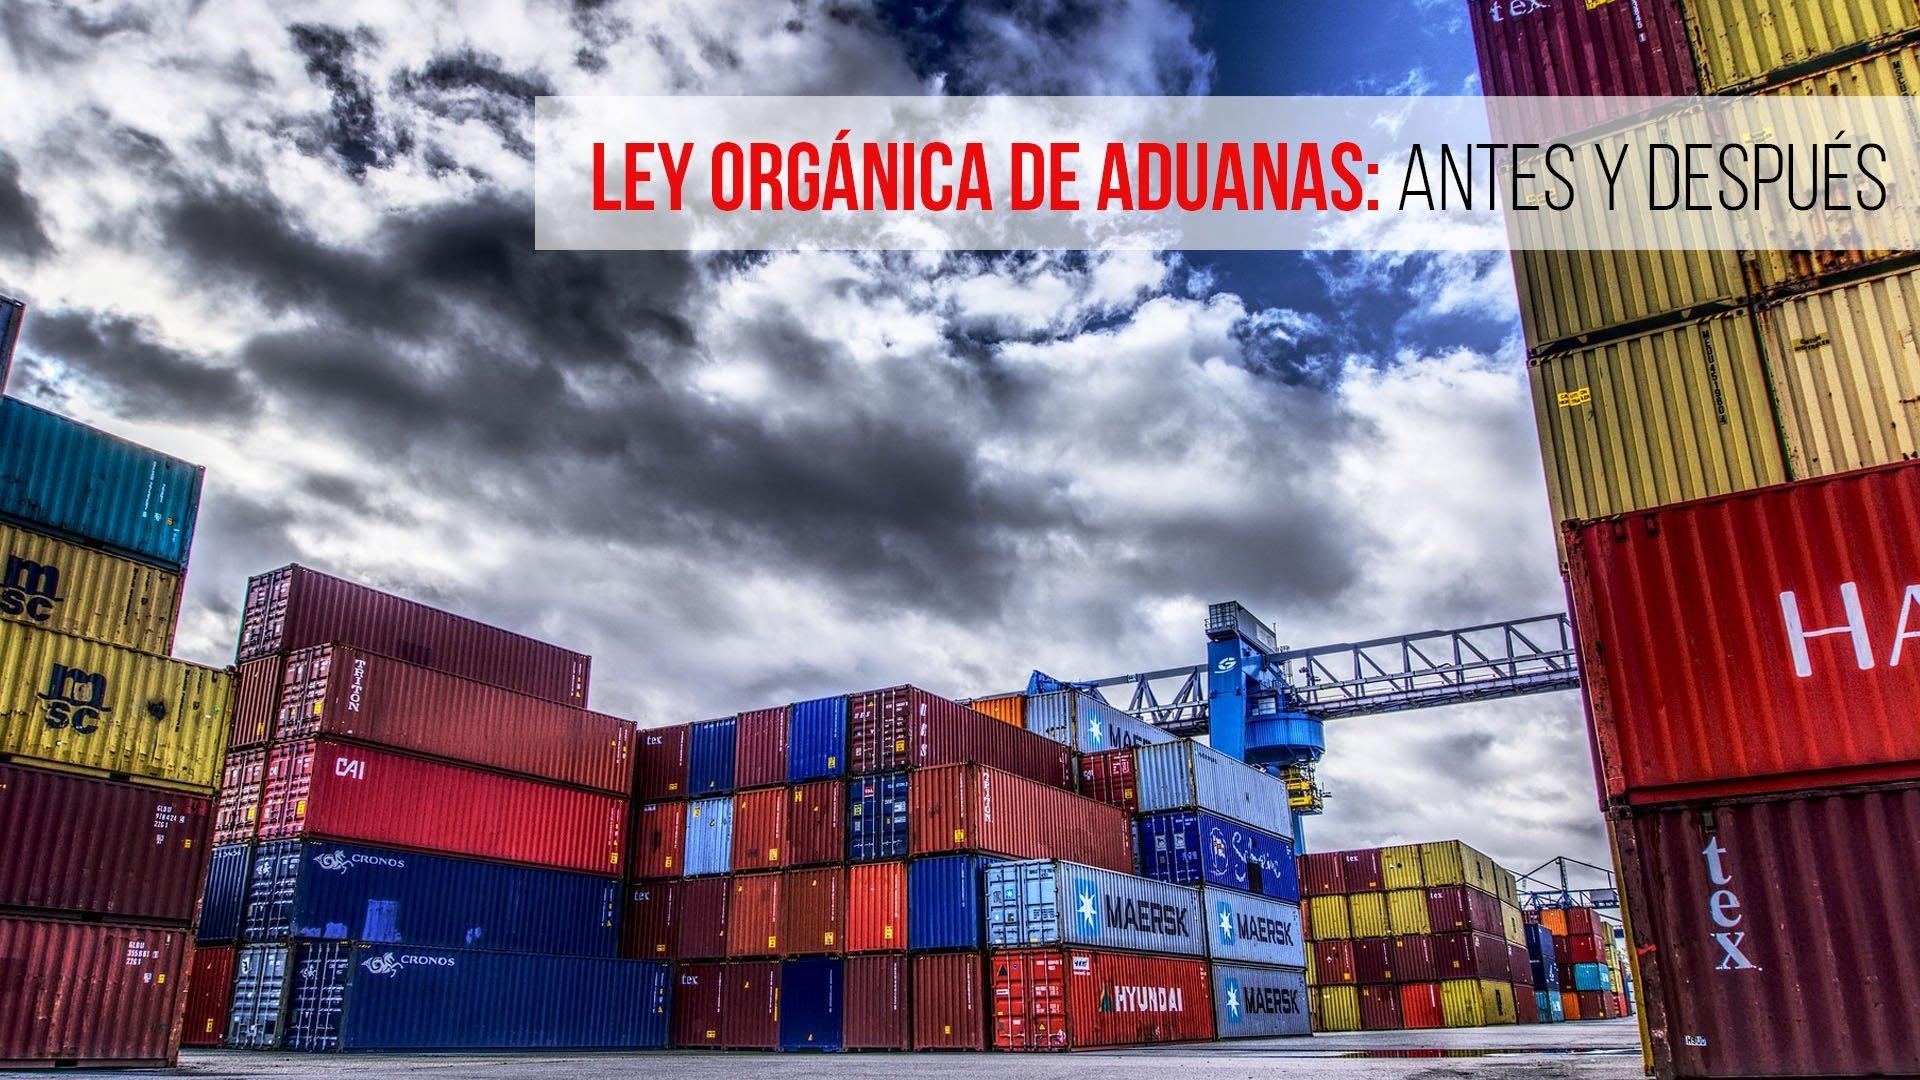 Ley Orgánica de Aduanas: antes y después